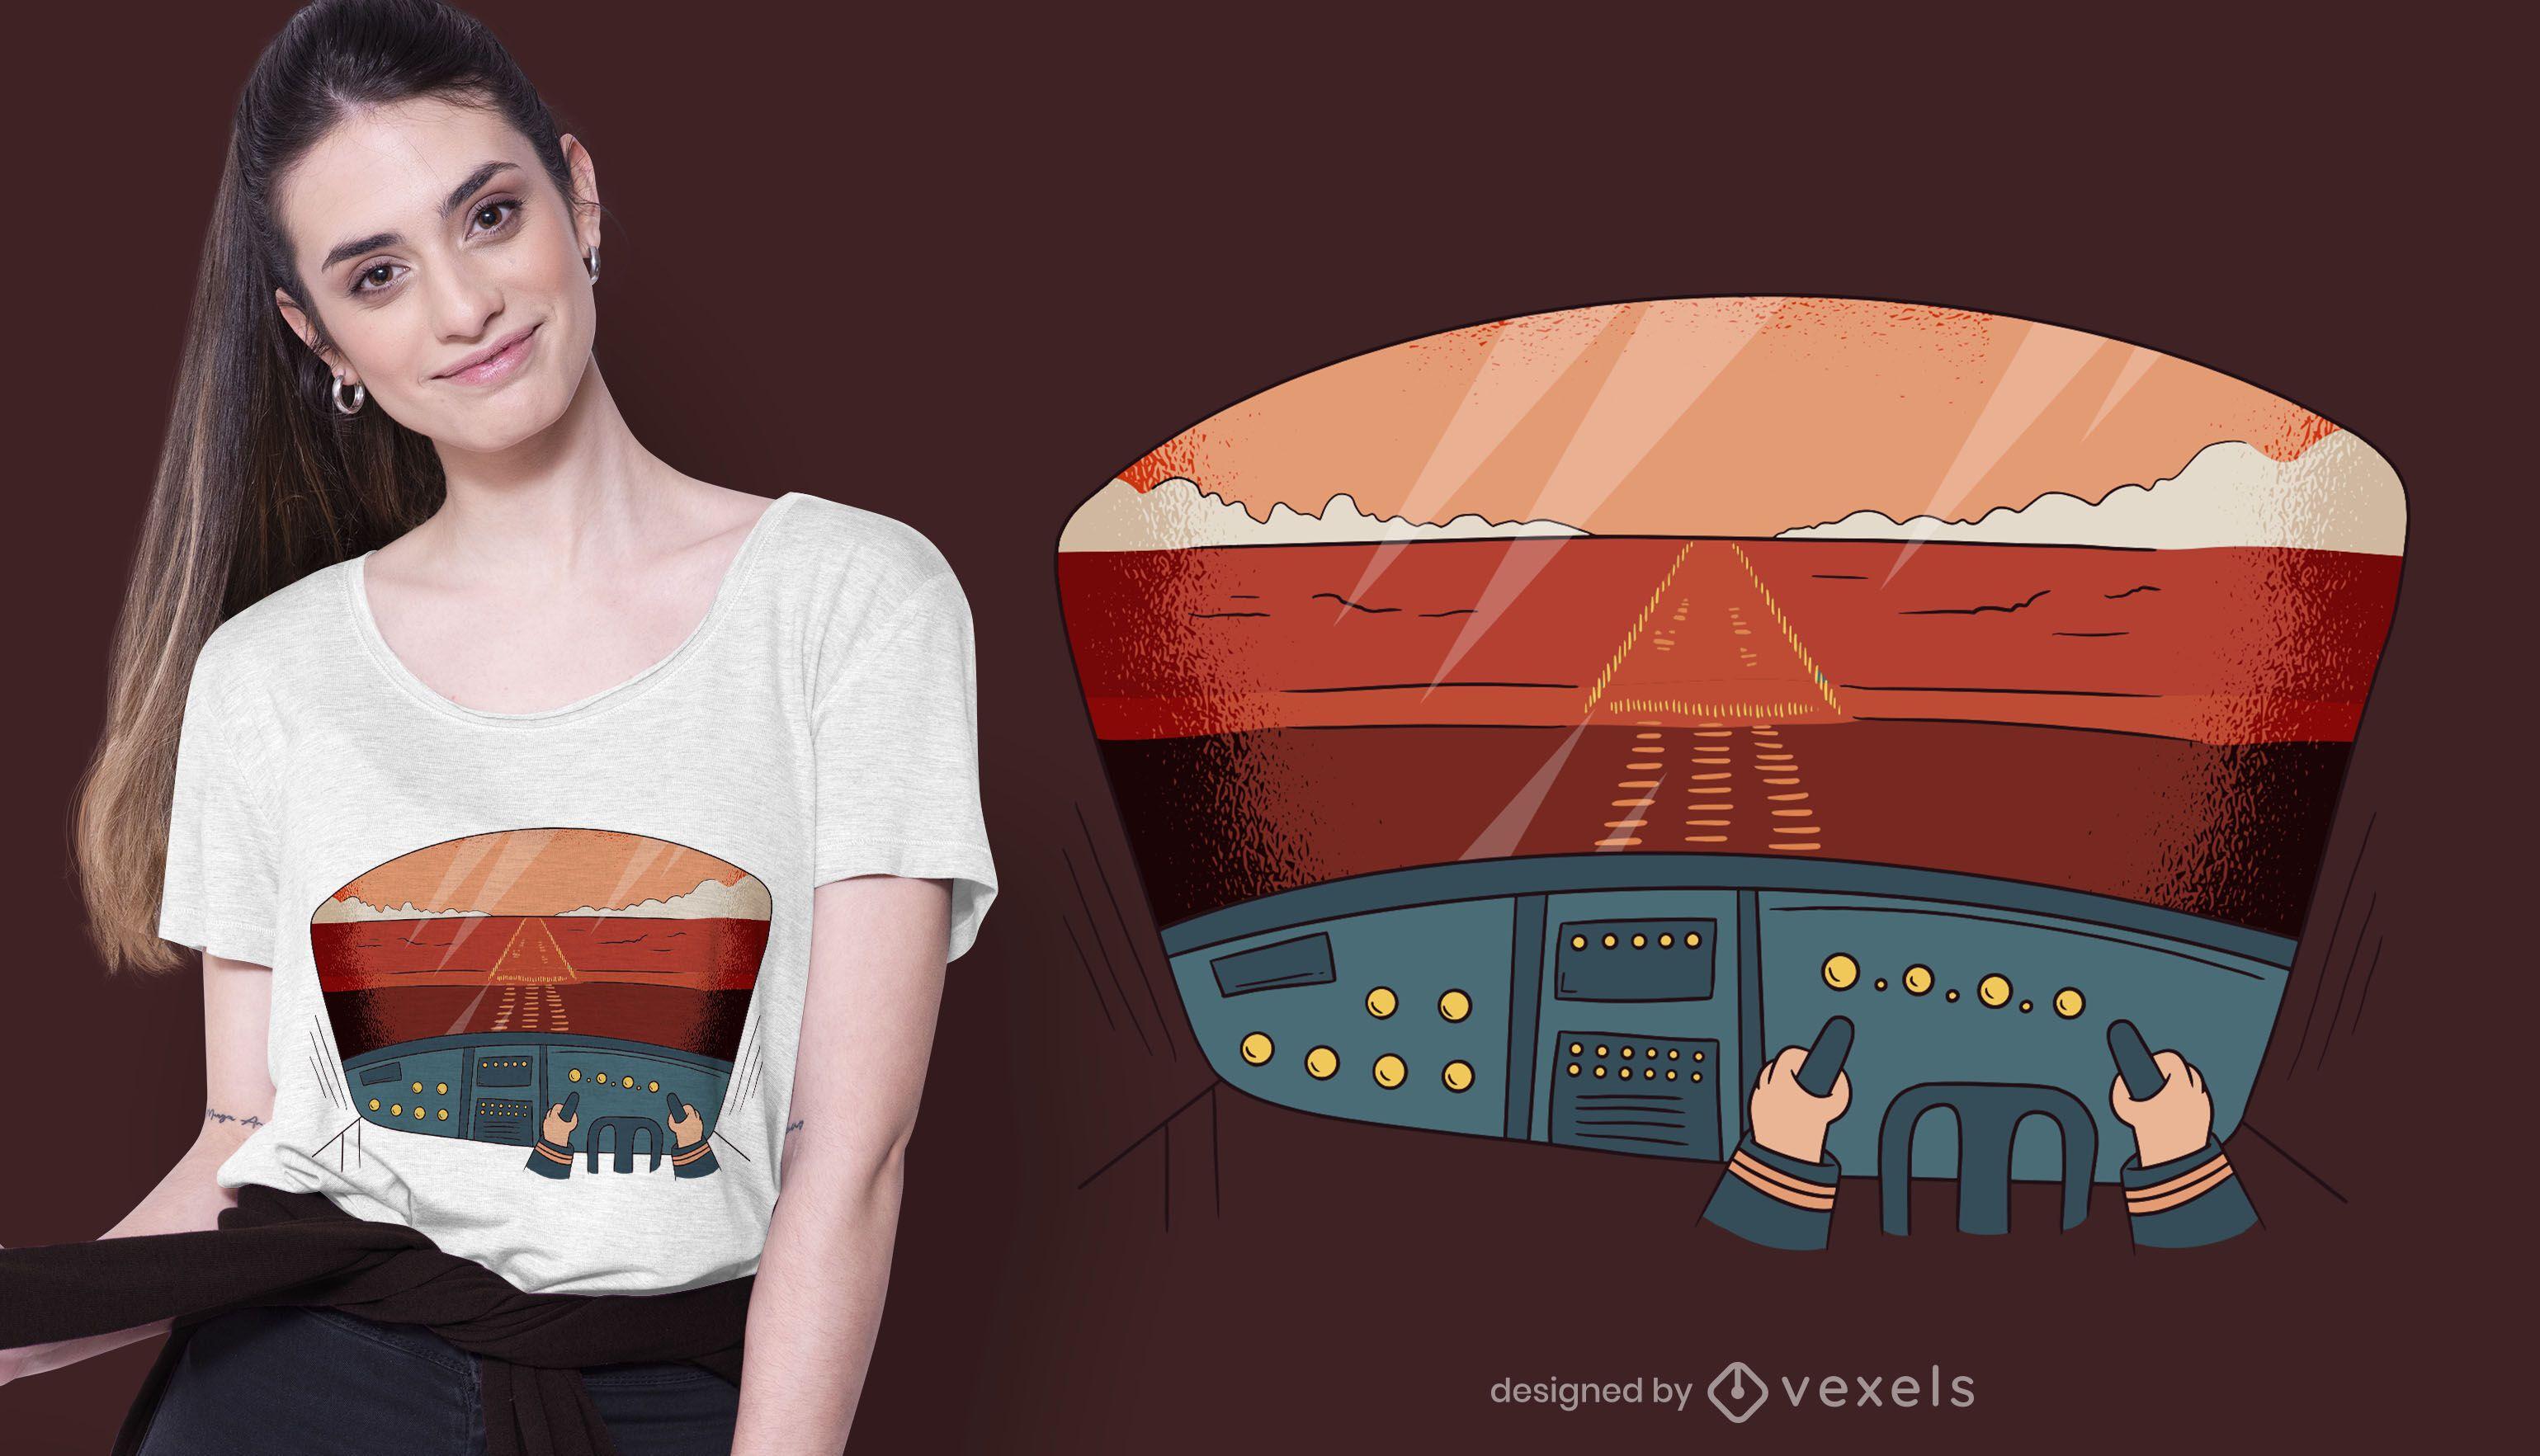 Dise?o de camiseta Pilot Cockpit View